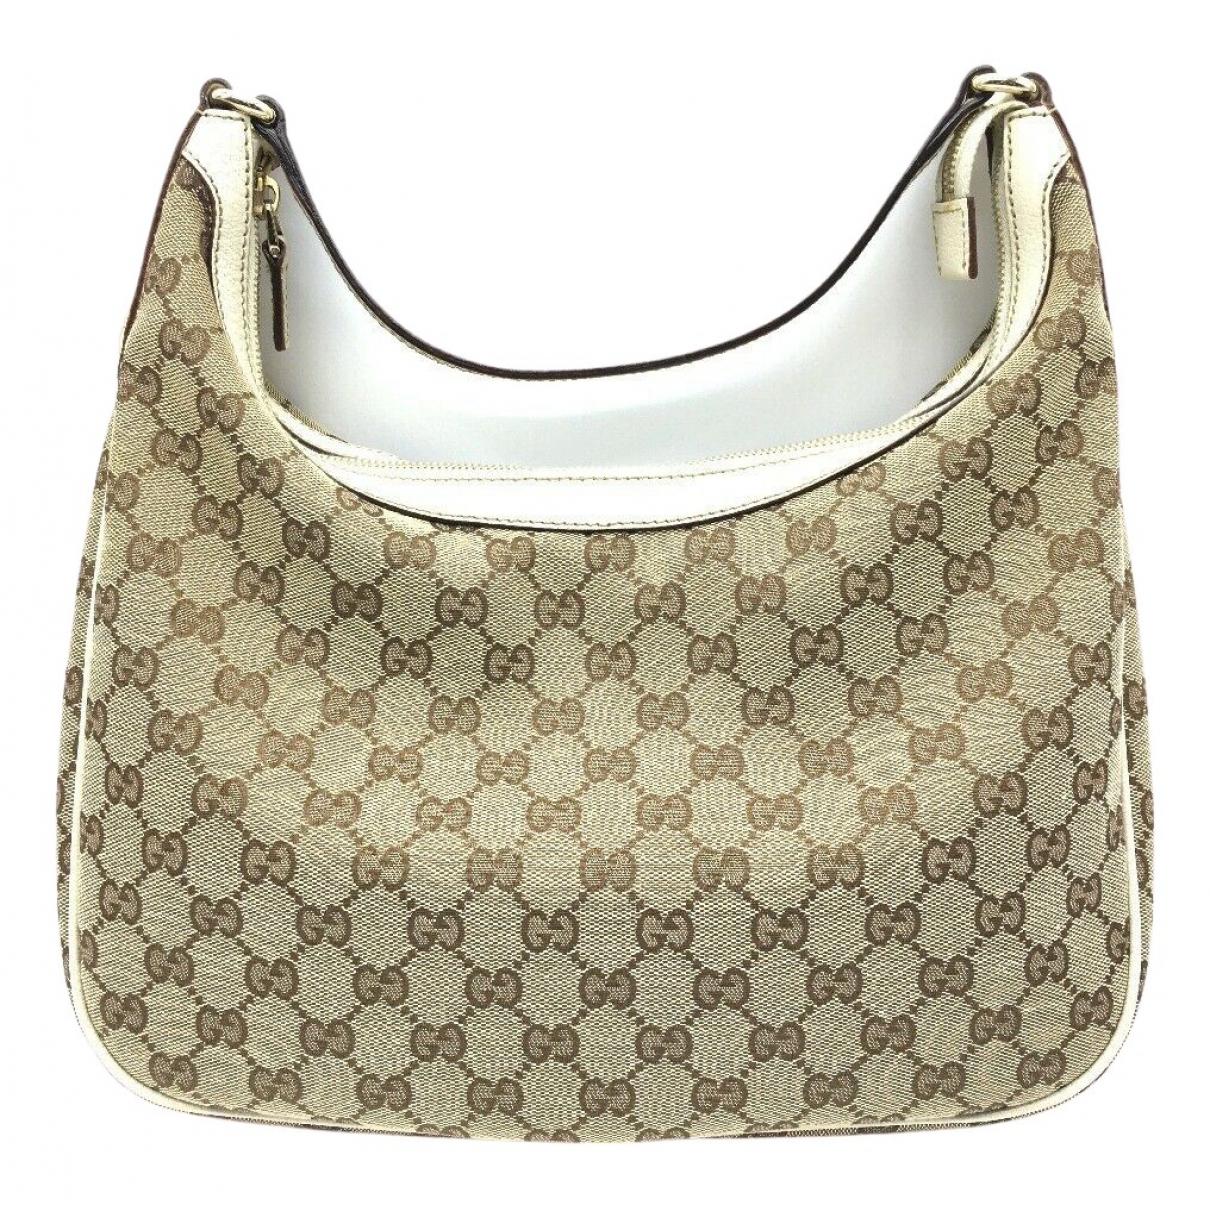 Gucci \N Handtasche in  Beige Leinen